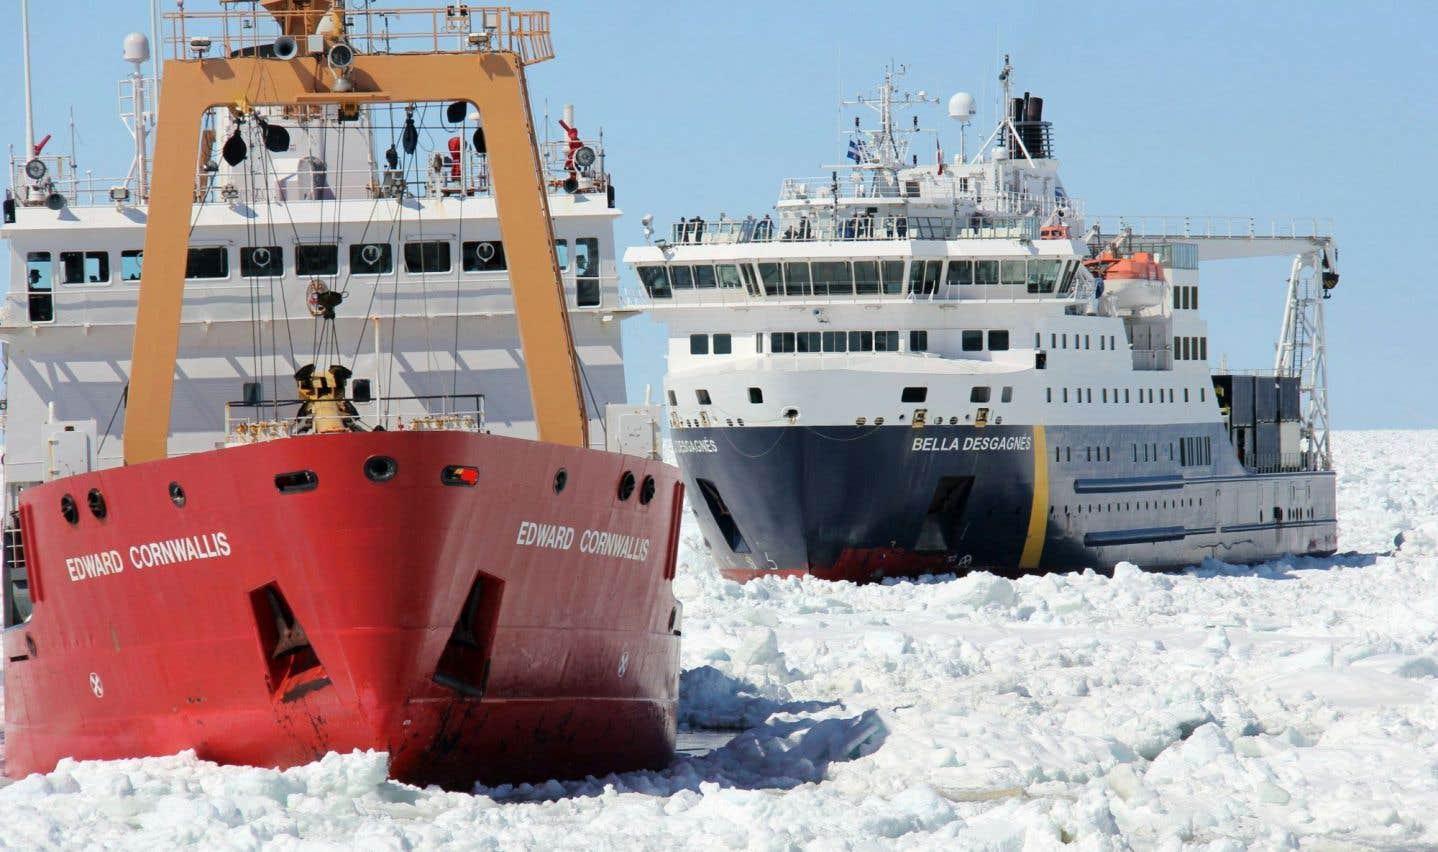 Des recherches sur le climat interrompues… en raison du climat